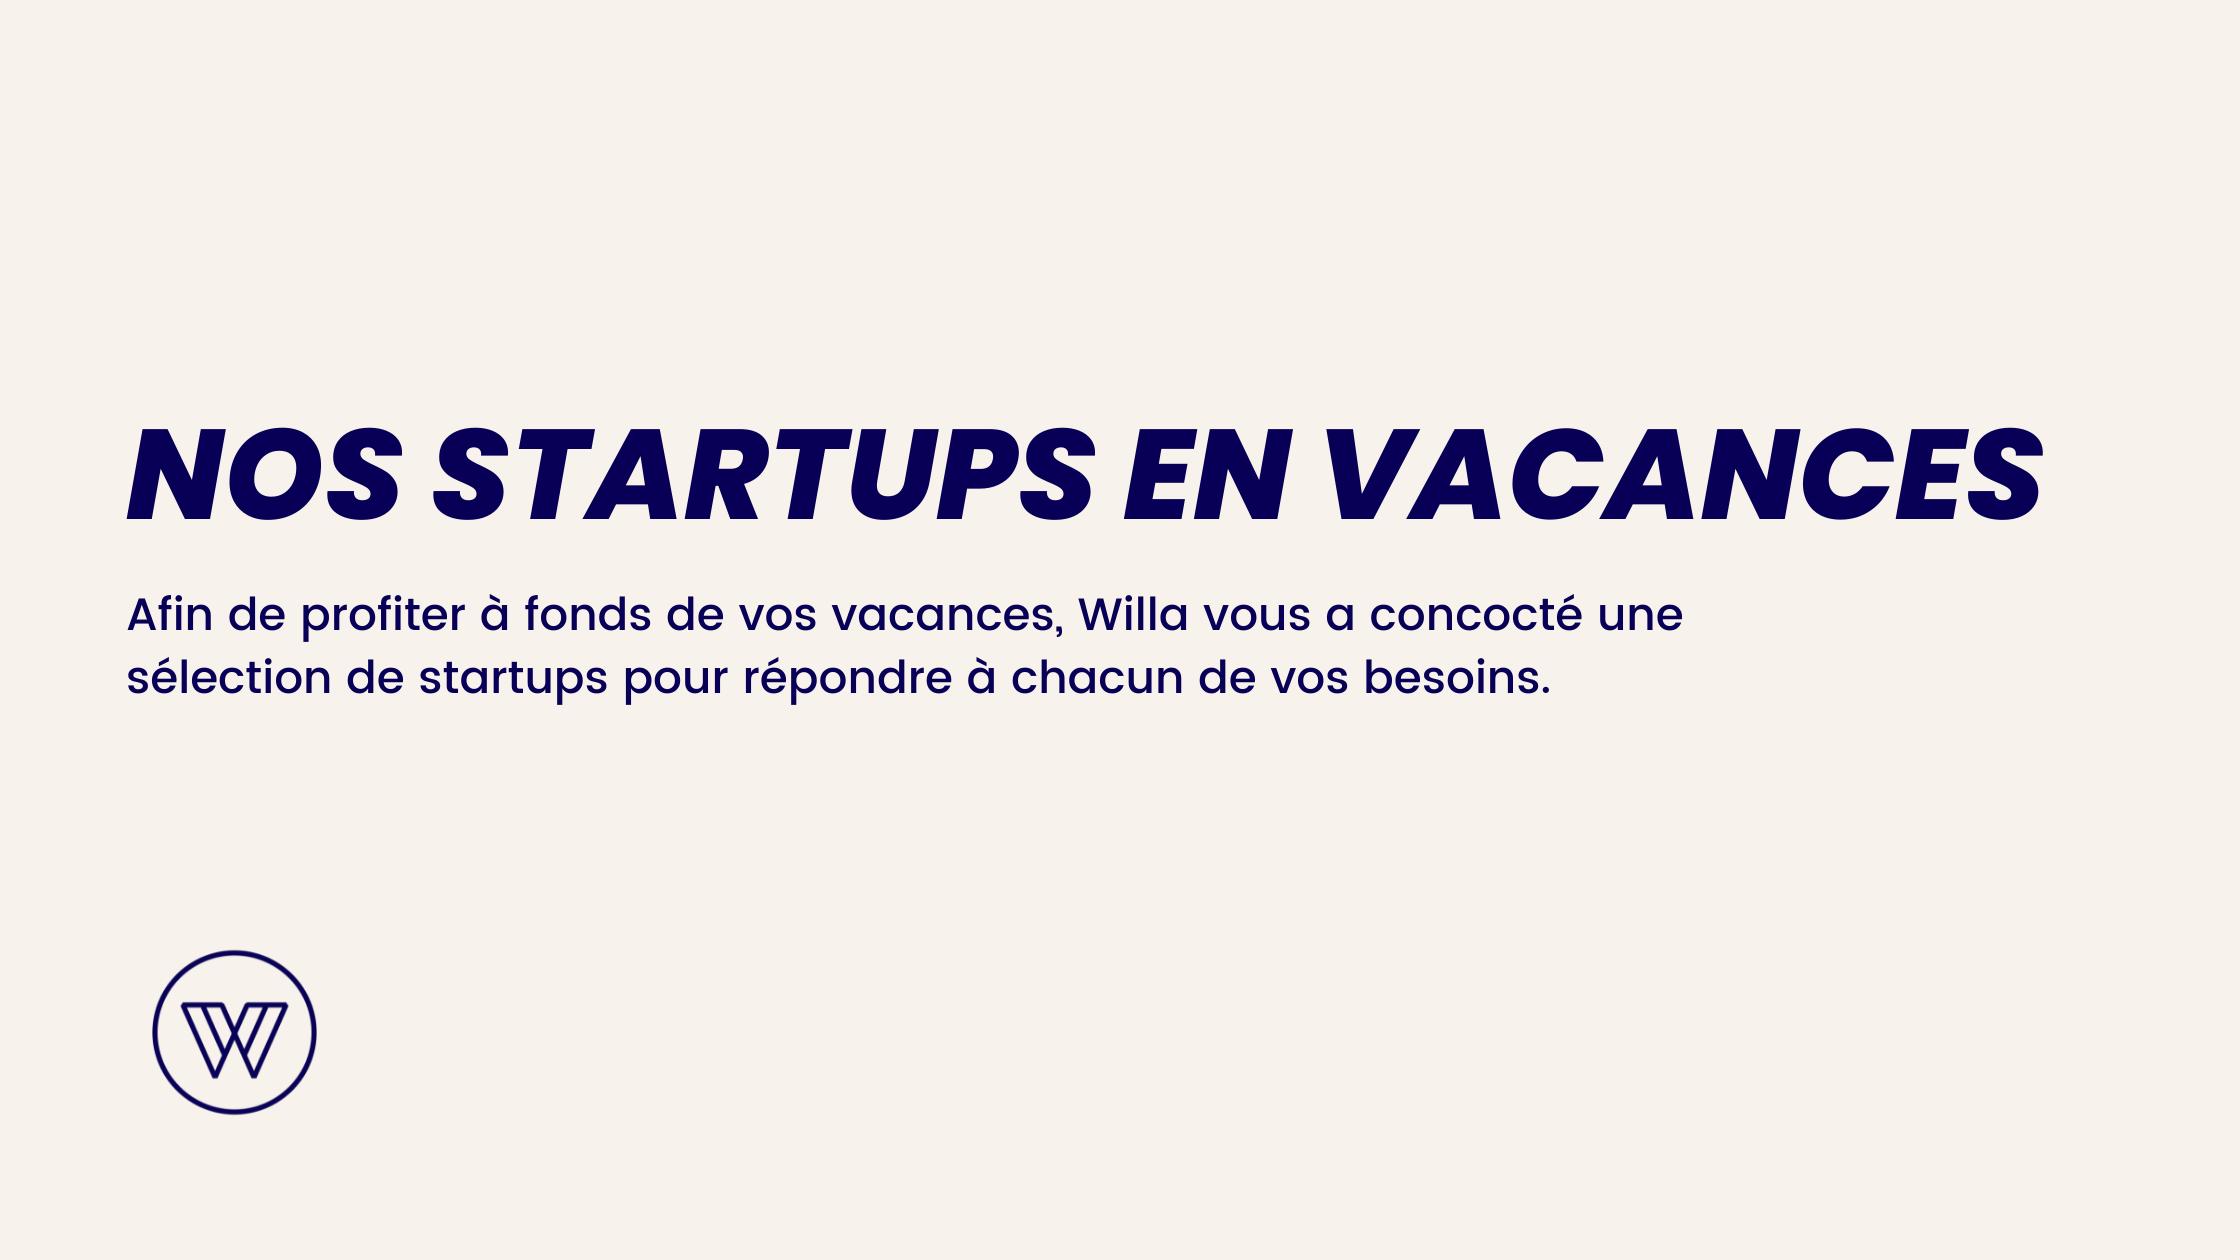 nos startups en vacances